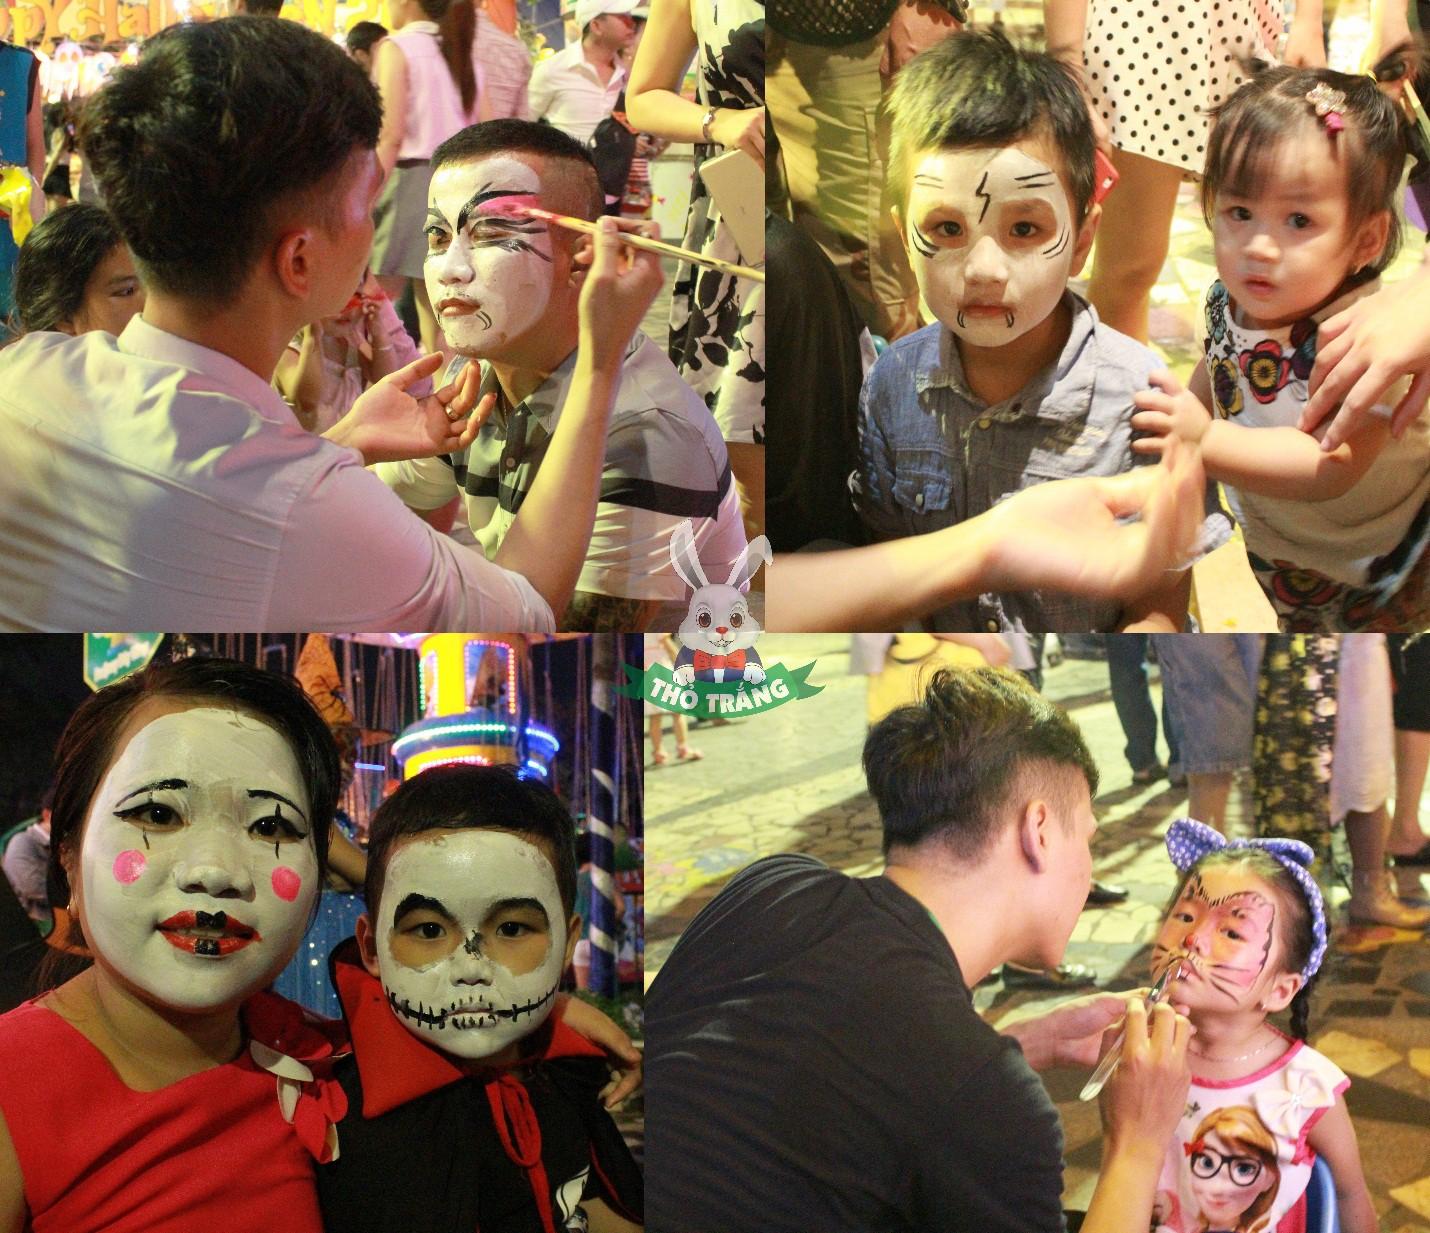 Lễ hội Halloween đầy màu sắc tại Thỏ Trắng - Ảnh 4.